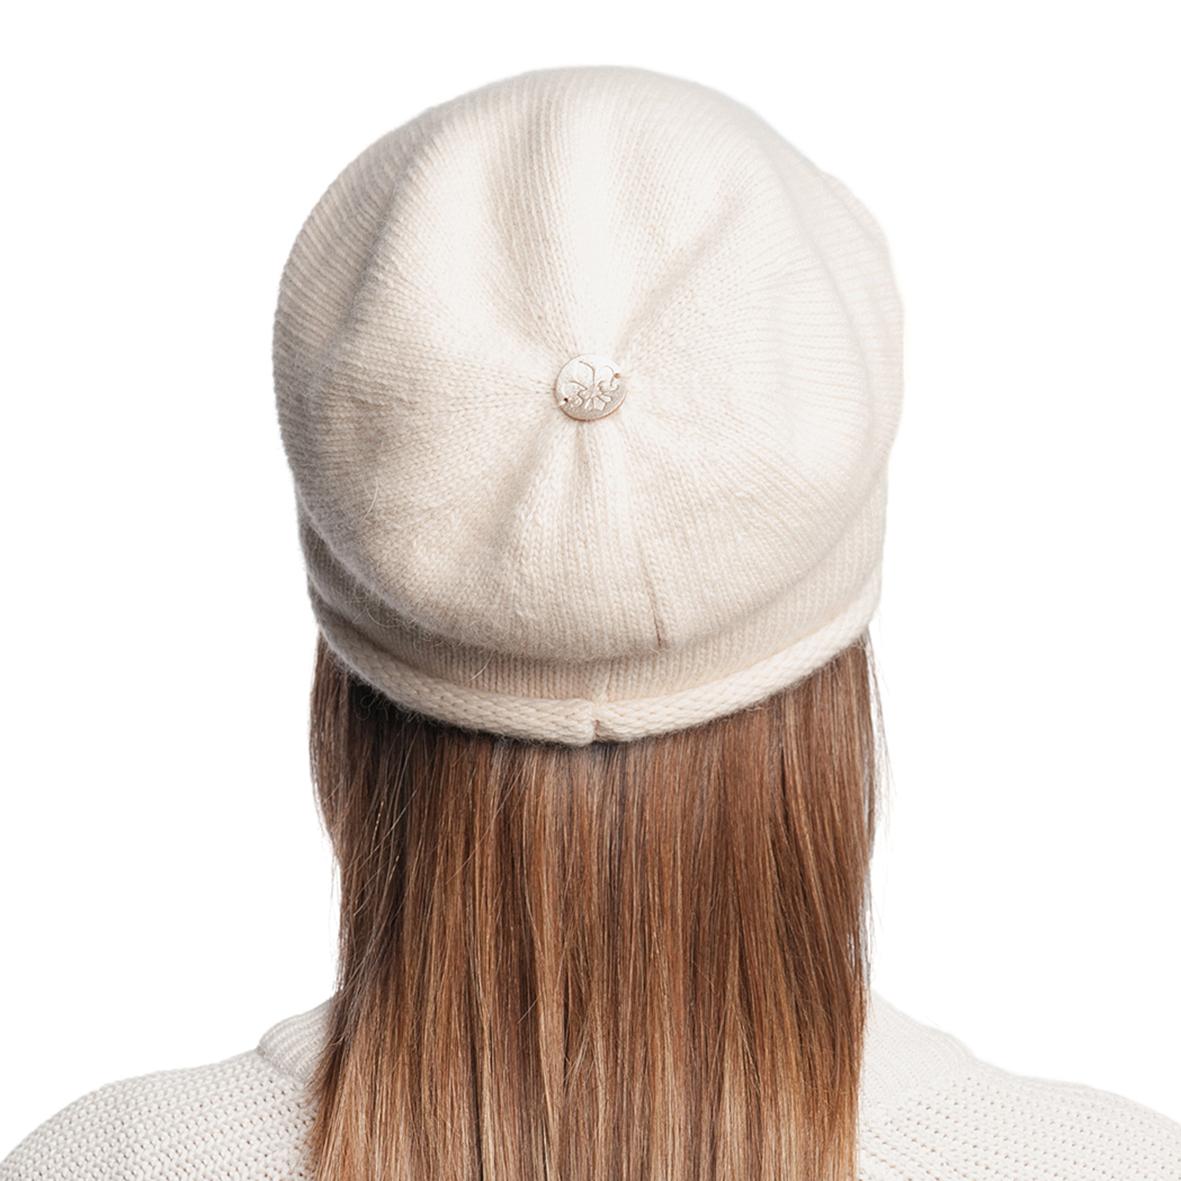 Шапка женская из текстиля, без отделки от Московская Меховая Компания